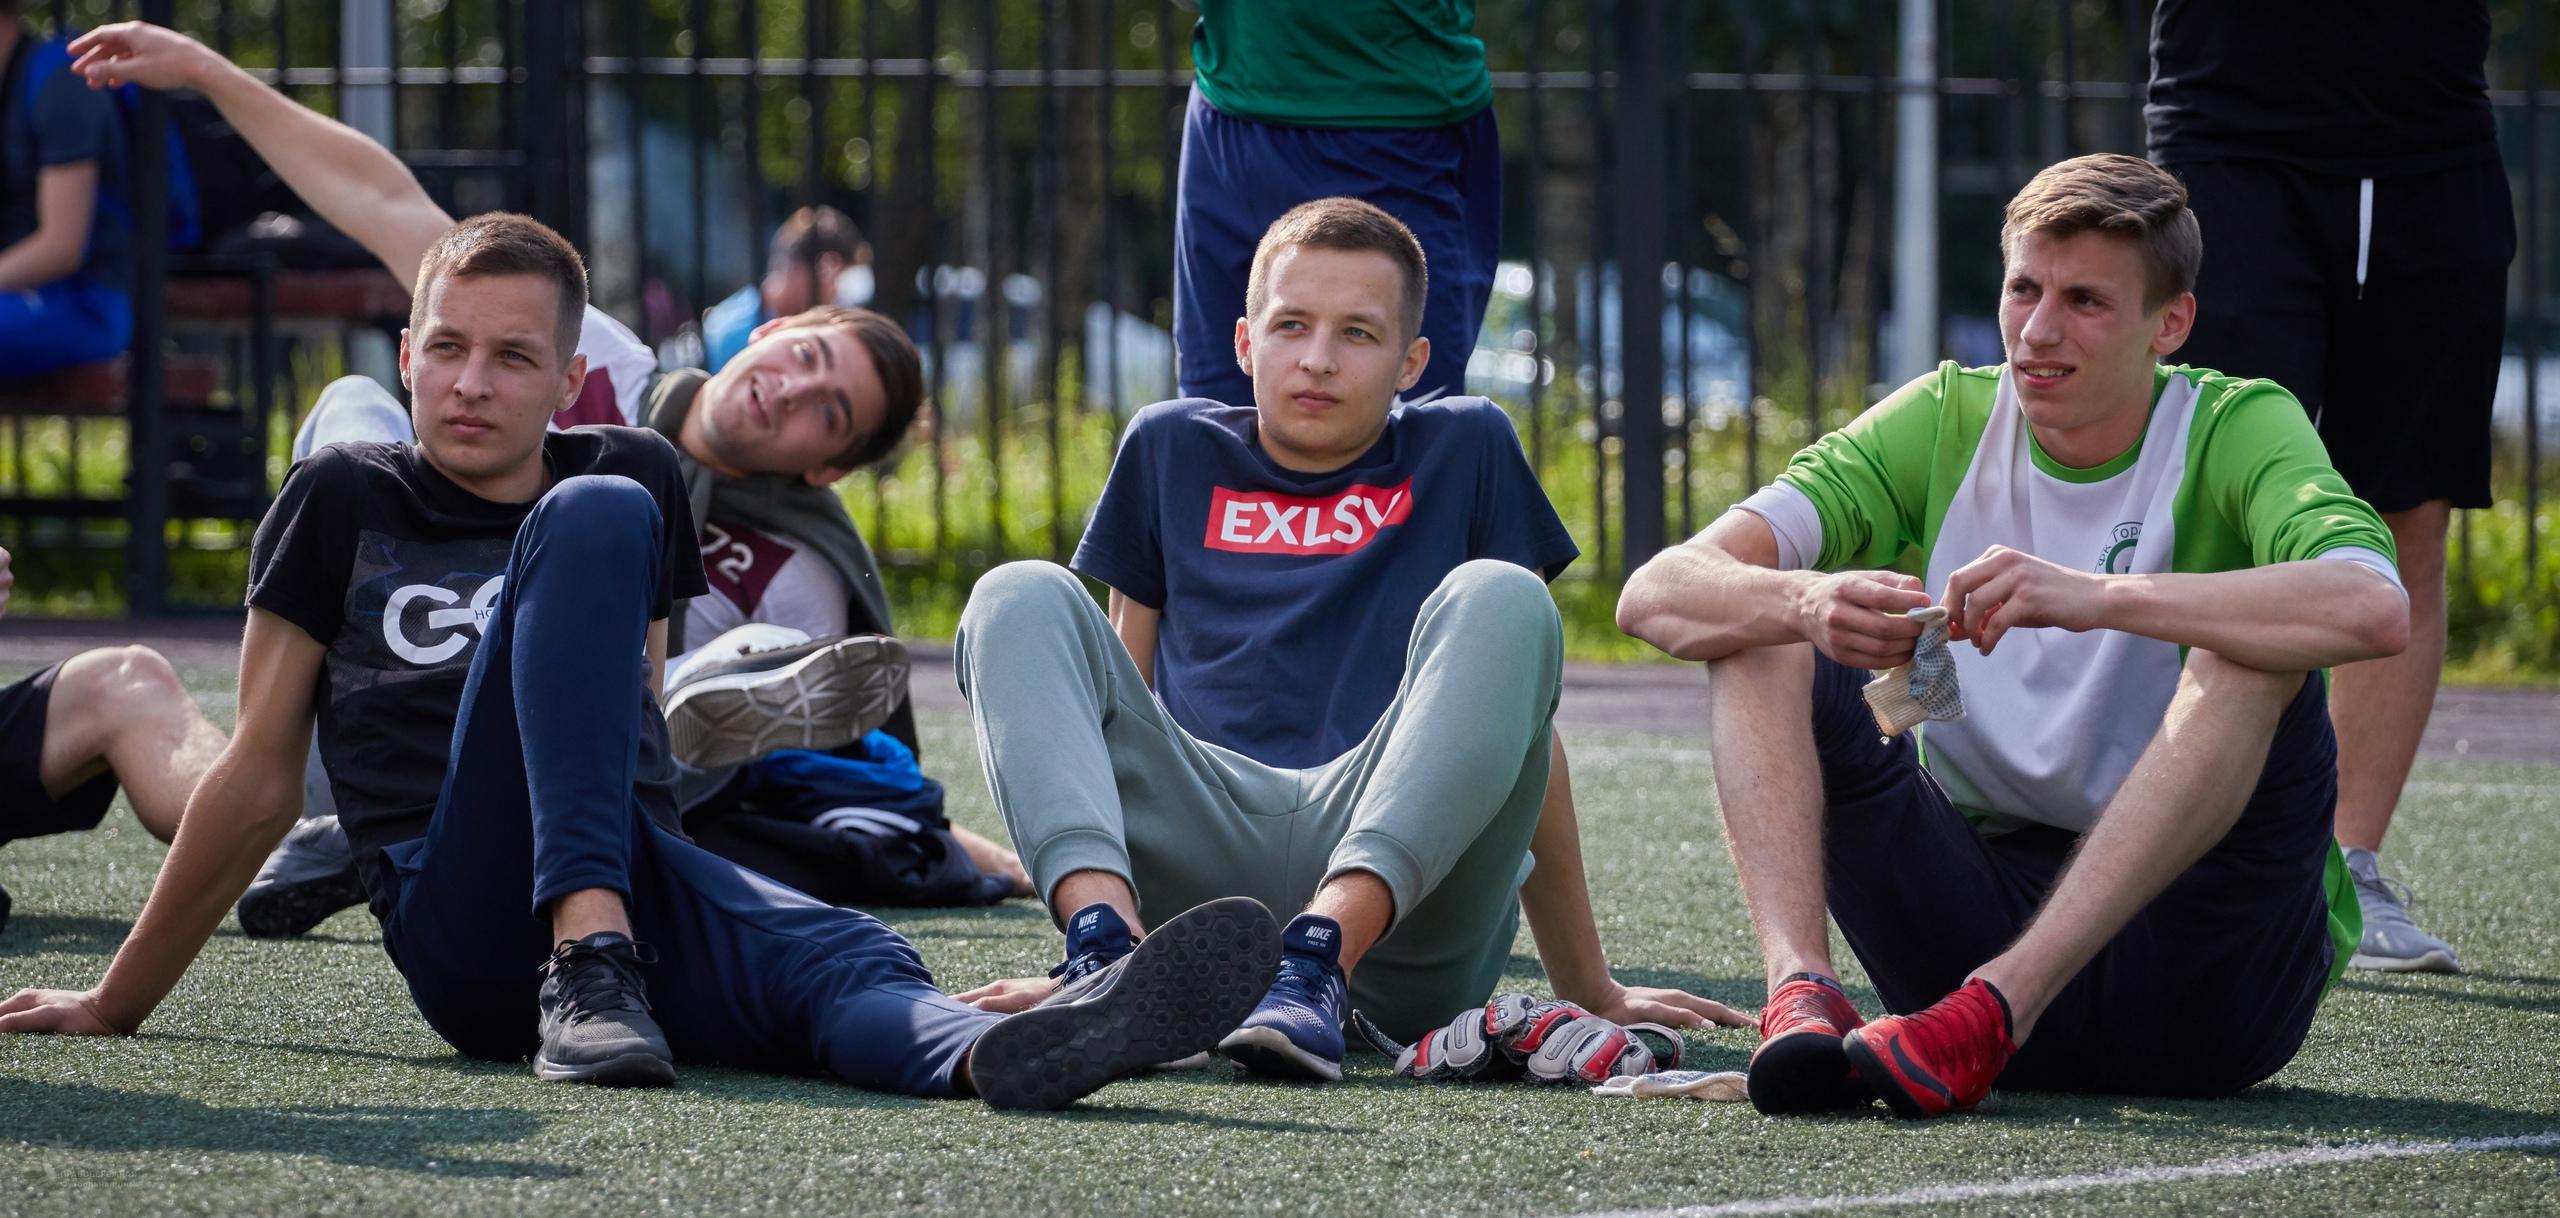 Максим Бугасанов, Павел Бугасанов и Андрей Сошников на турнире пенальтистов 6x6.